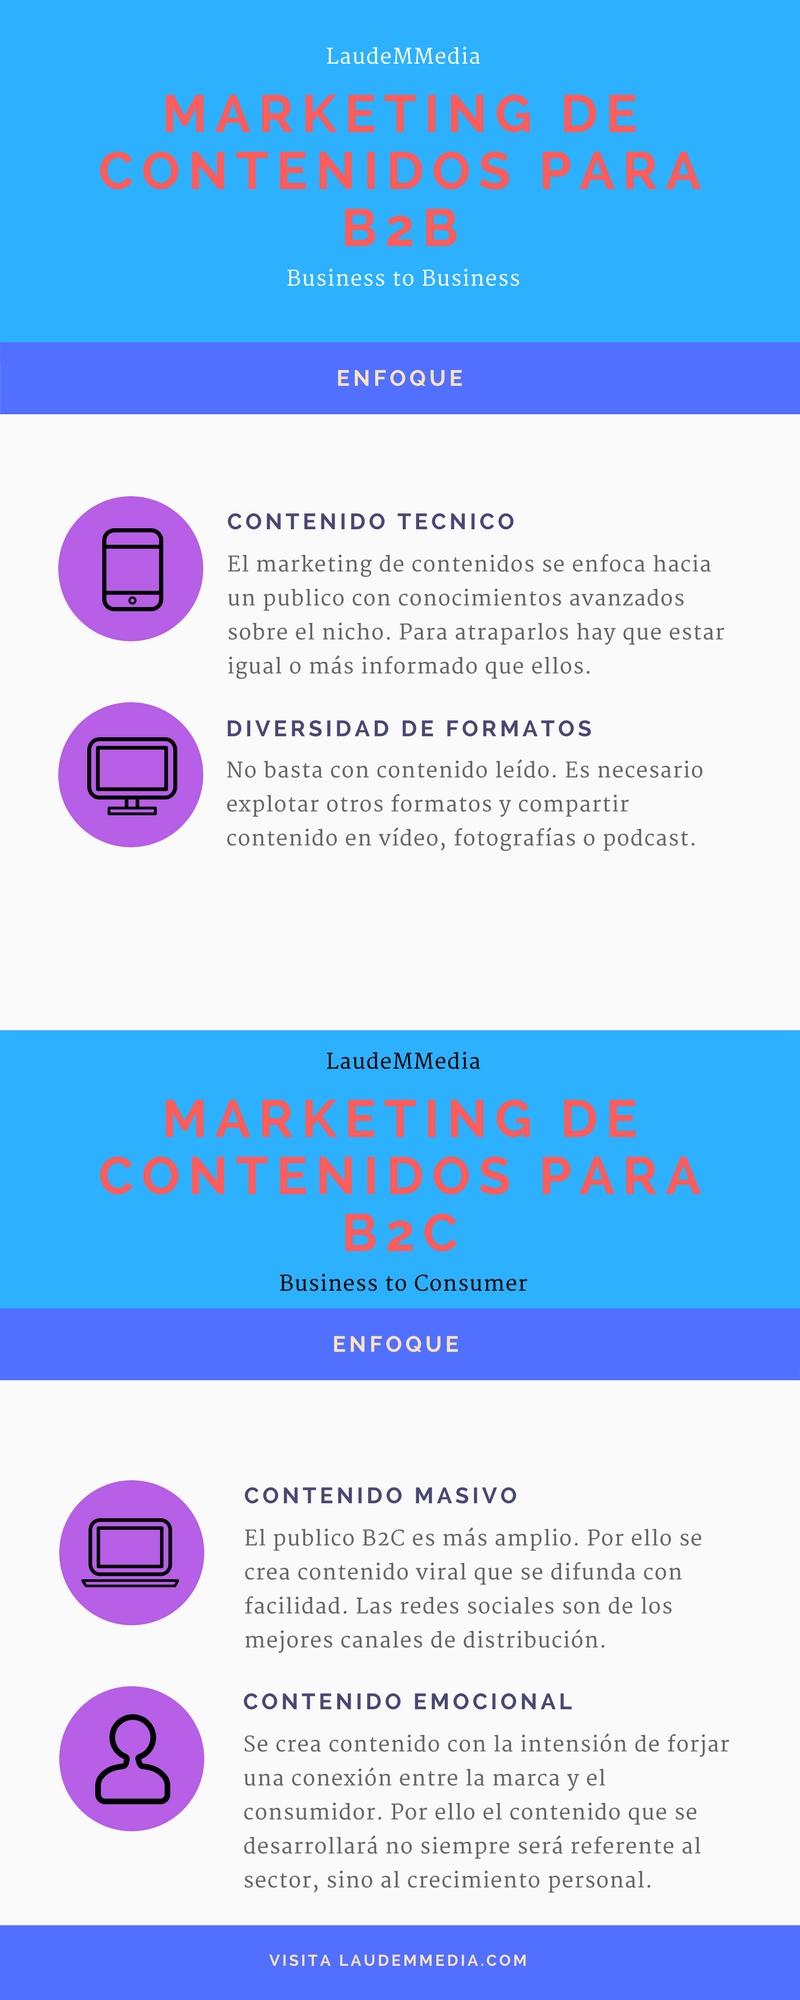 Marketing de contenidos en B2B y B2C